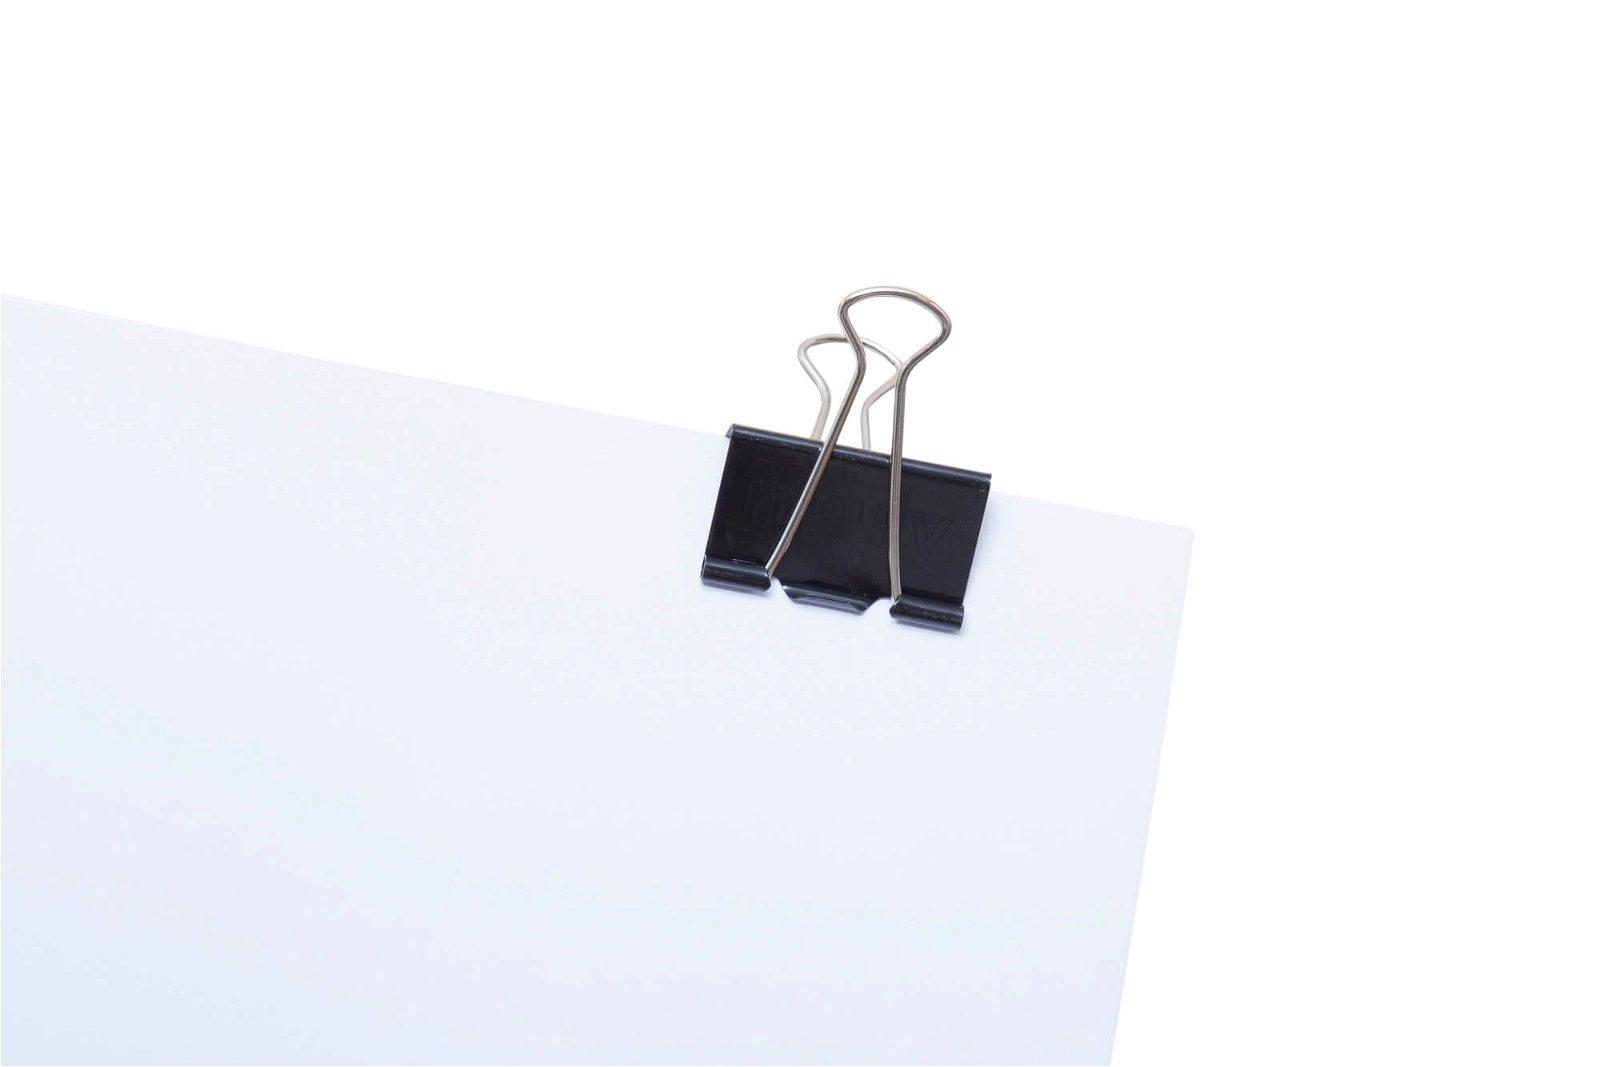 mauly 214, Breite 41 mm, 12 St./Ktn., schwarz